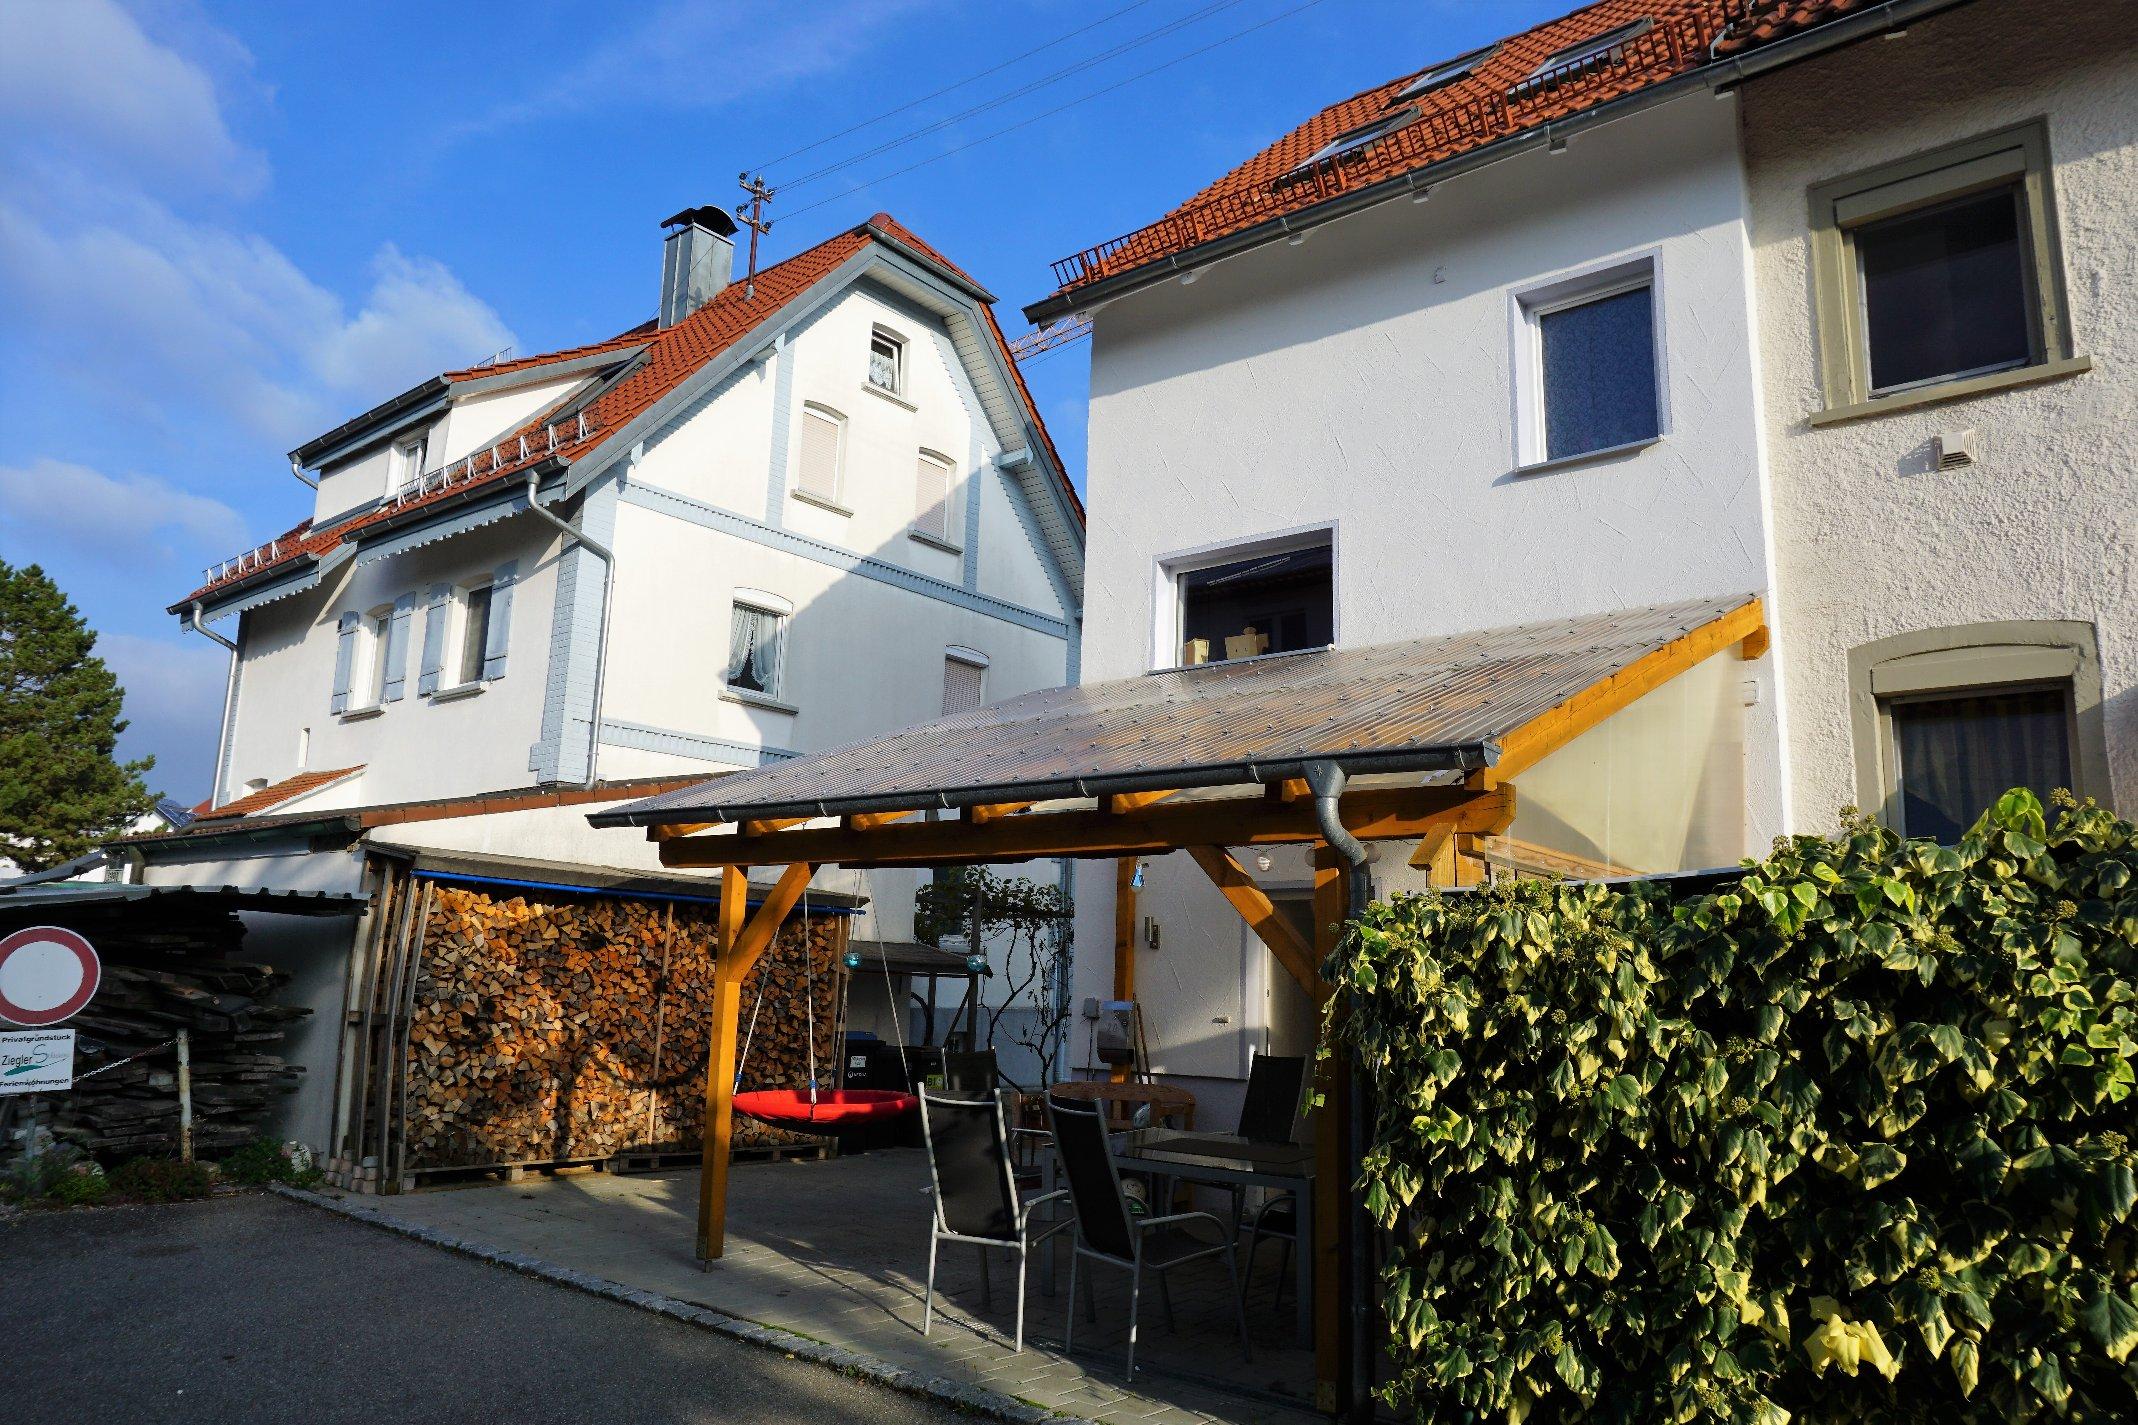 Immobilien Bad Waldsee Kaufen